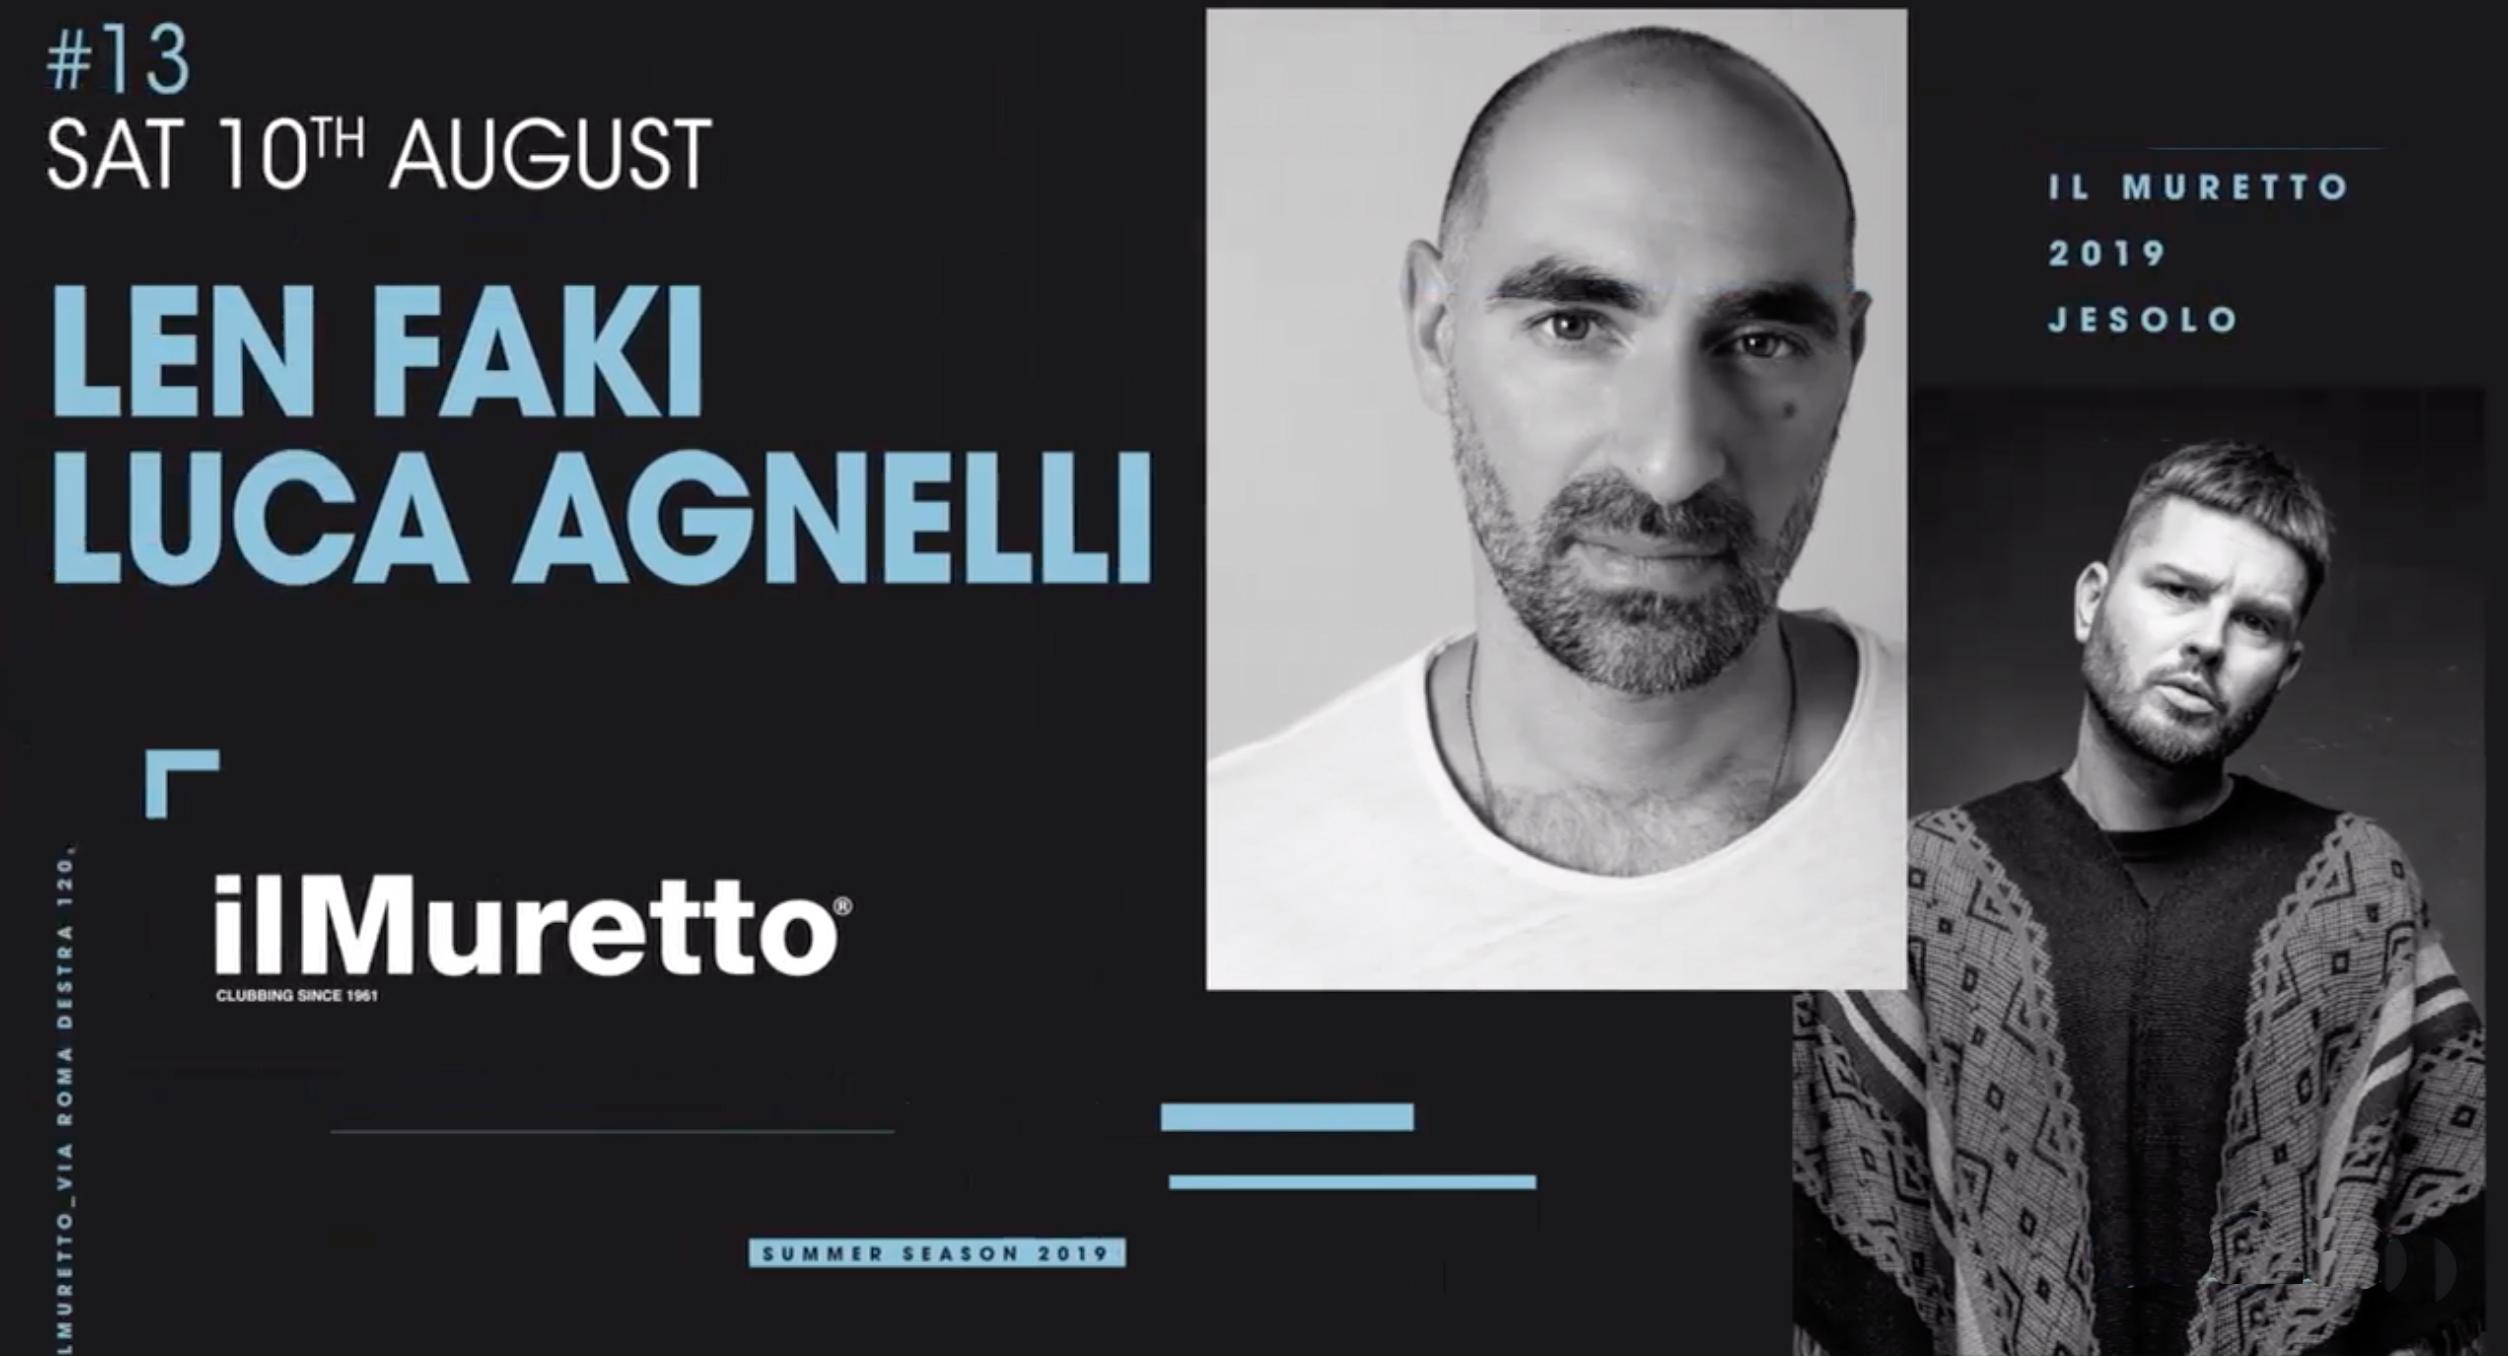 LEN FAKI + LUCA AGNELLI @ Il Muretto Jesolo 10 Agosto 2019